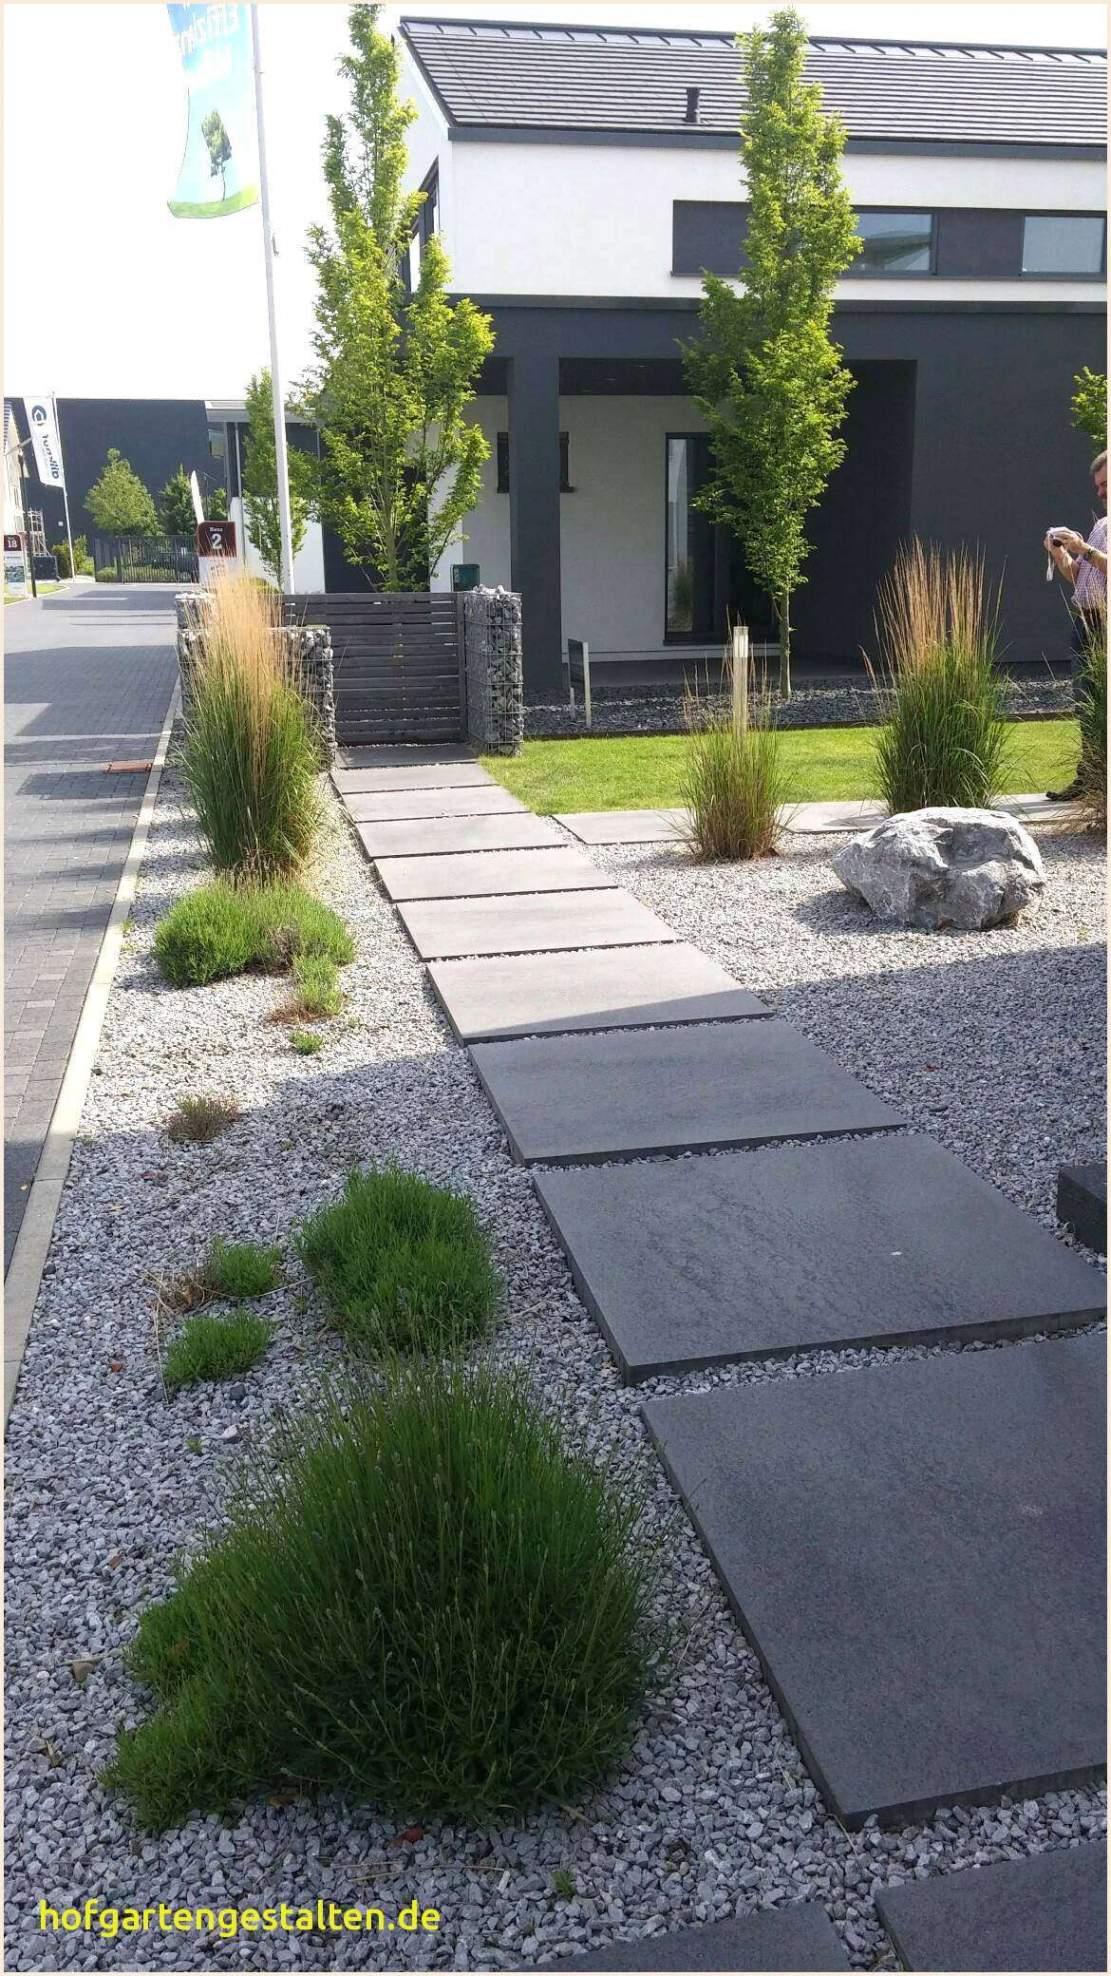 42 elegant kleiner reihenhausgarten foto reihenhausgarten vorher nachher reihenhausgarten vorher nachher